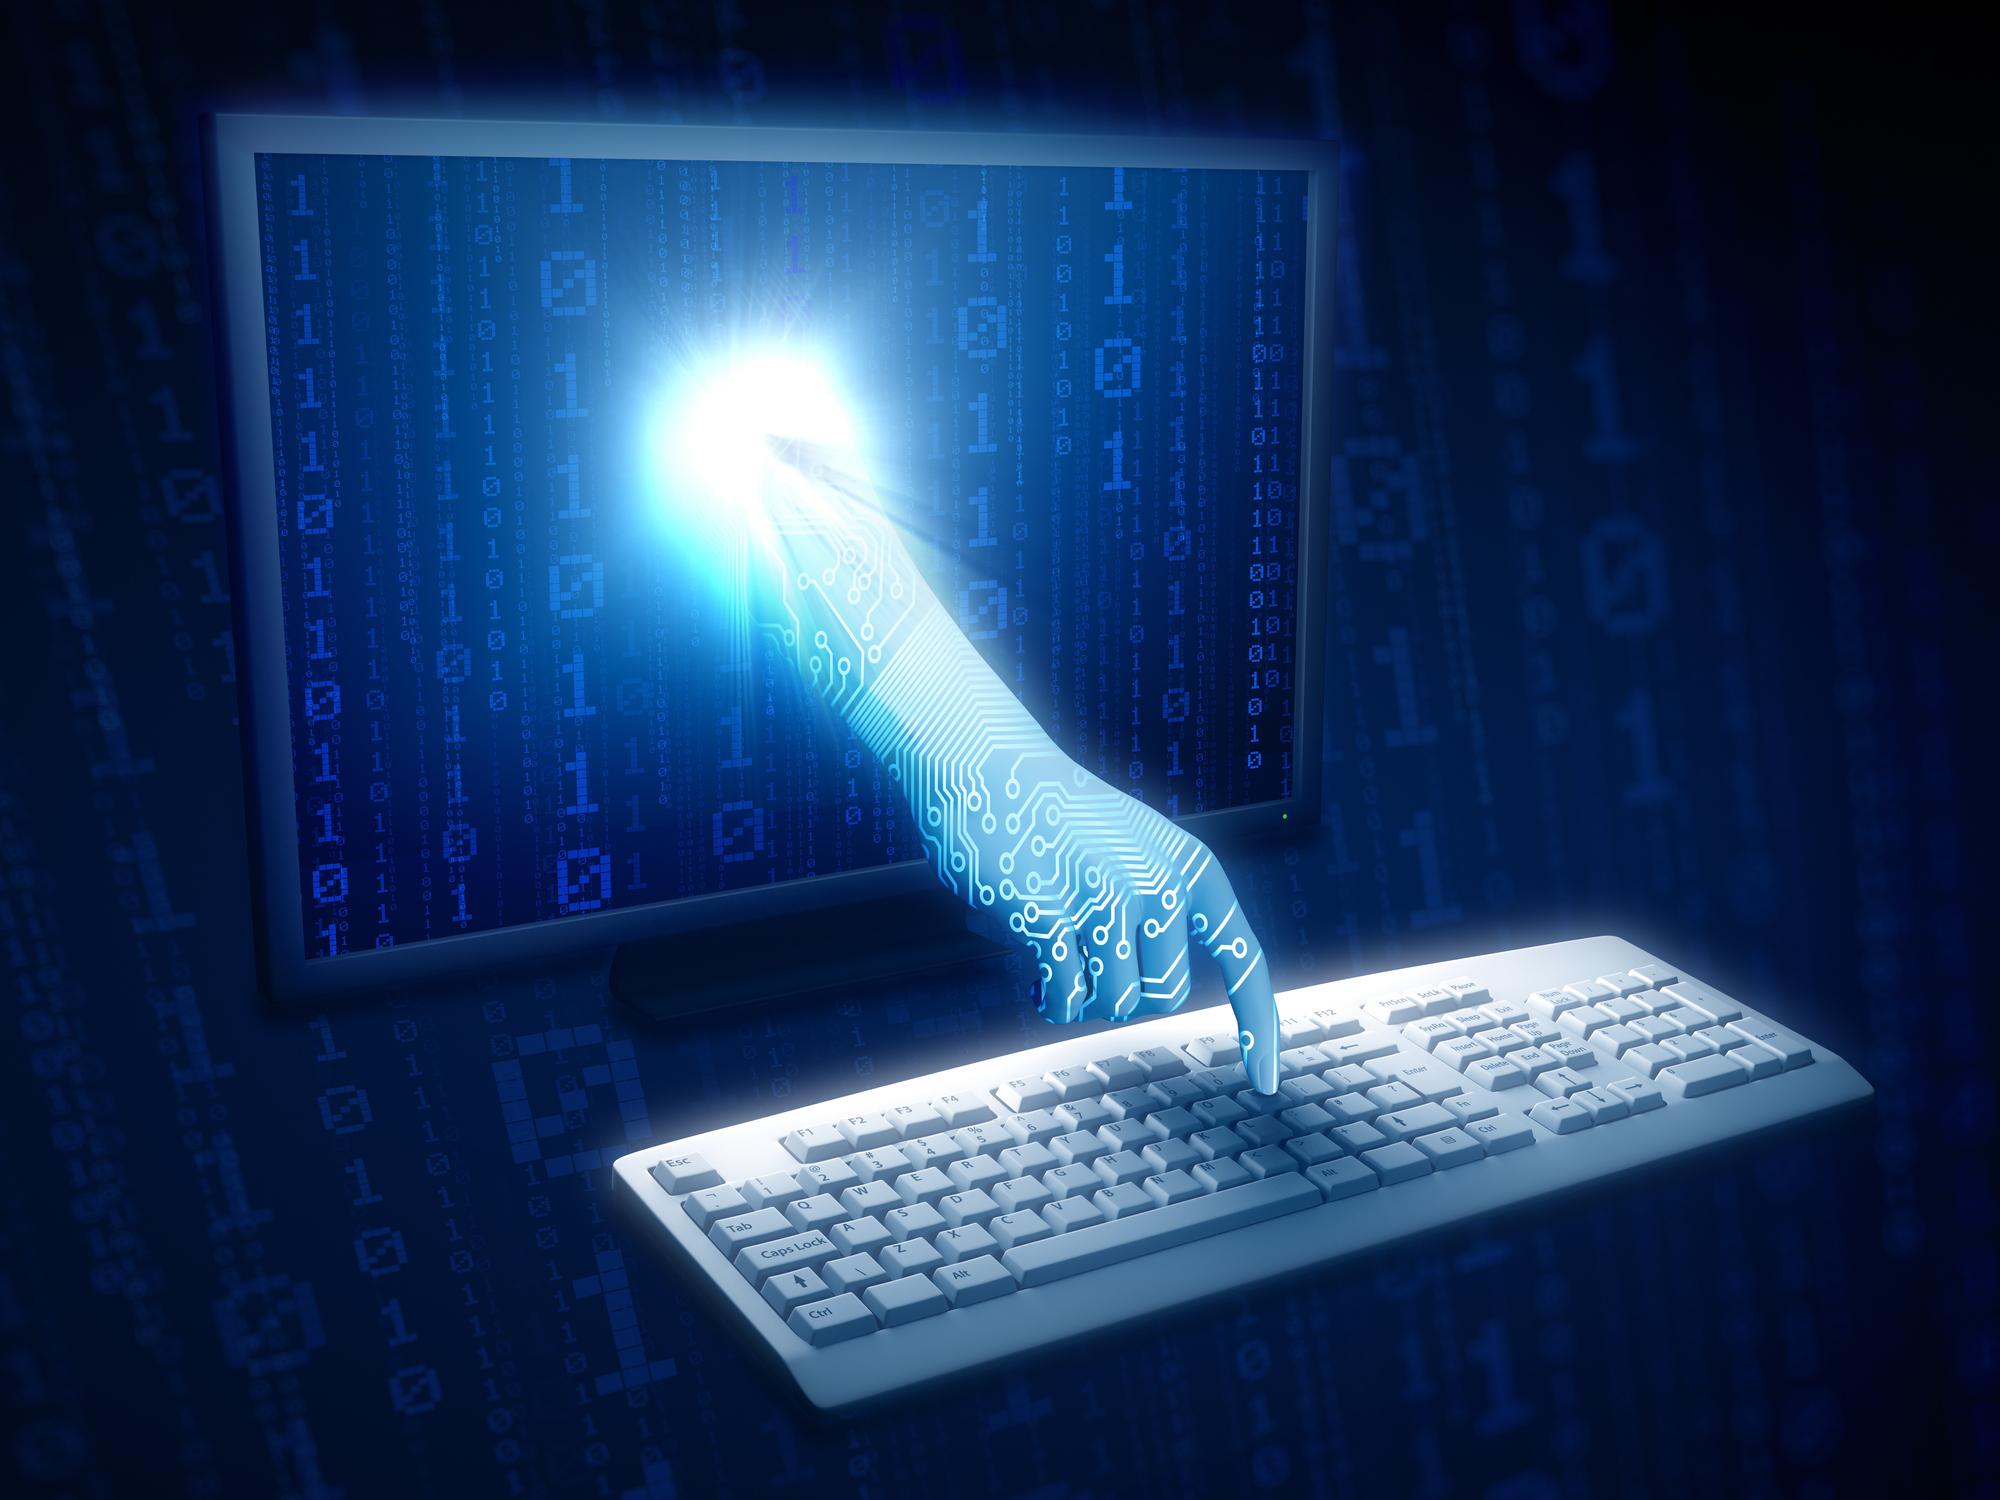 Vers un relâchement des salariés sur la cybersécurité pendant le télétravail ?